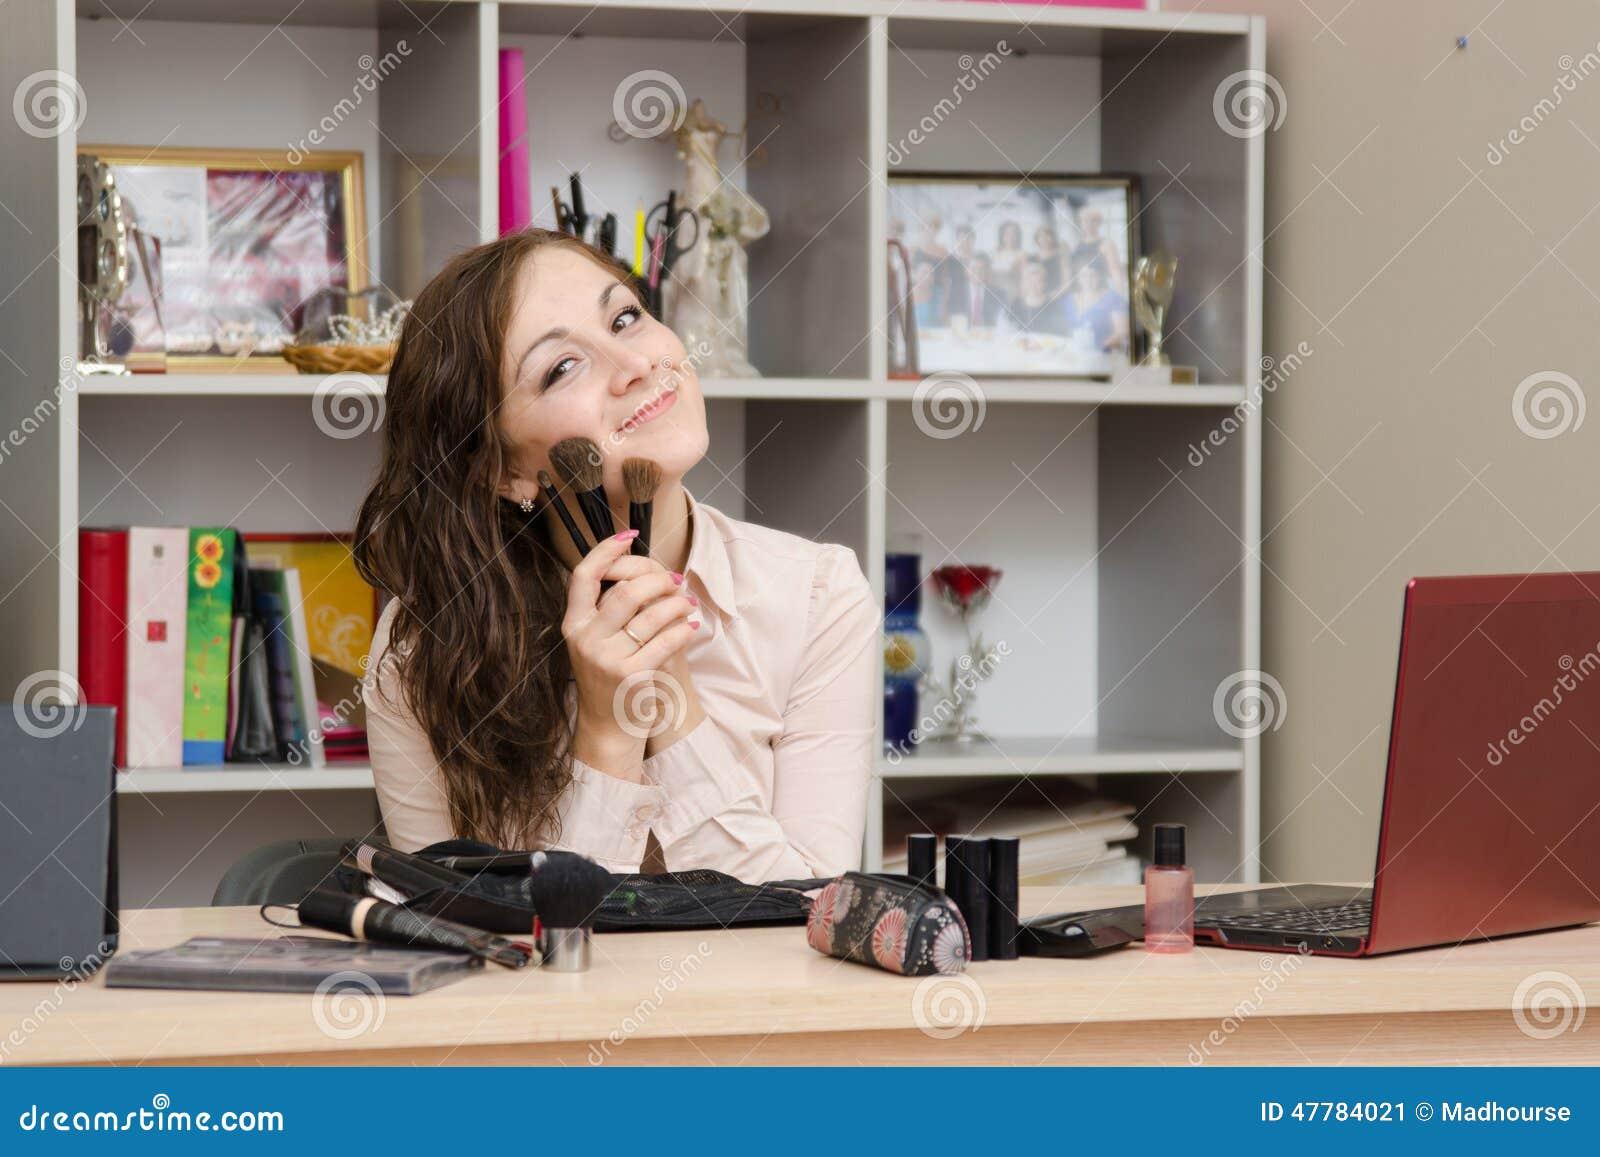 Fille dans le bureau avec des brosses pour le maquillage image